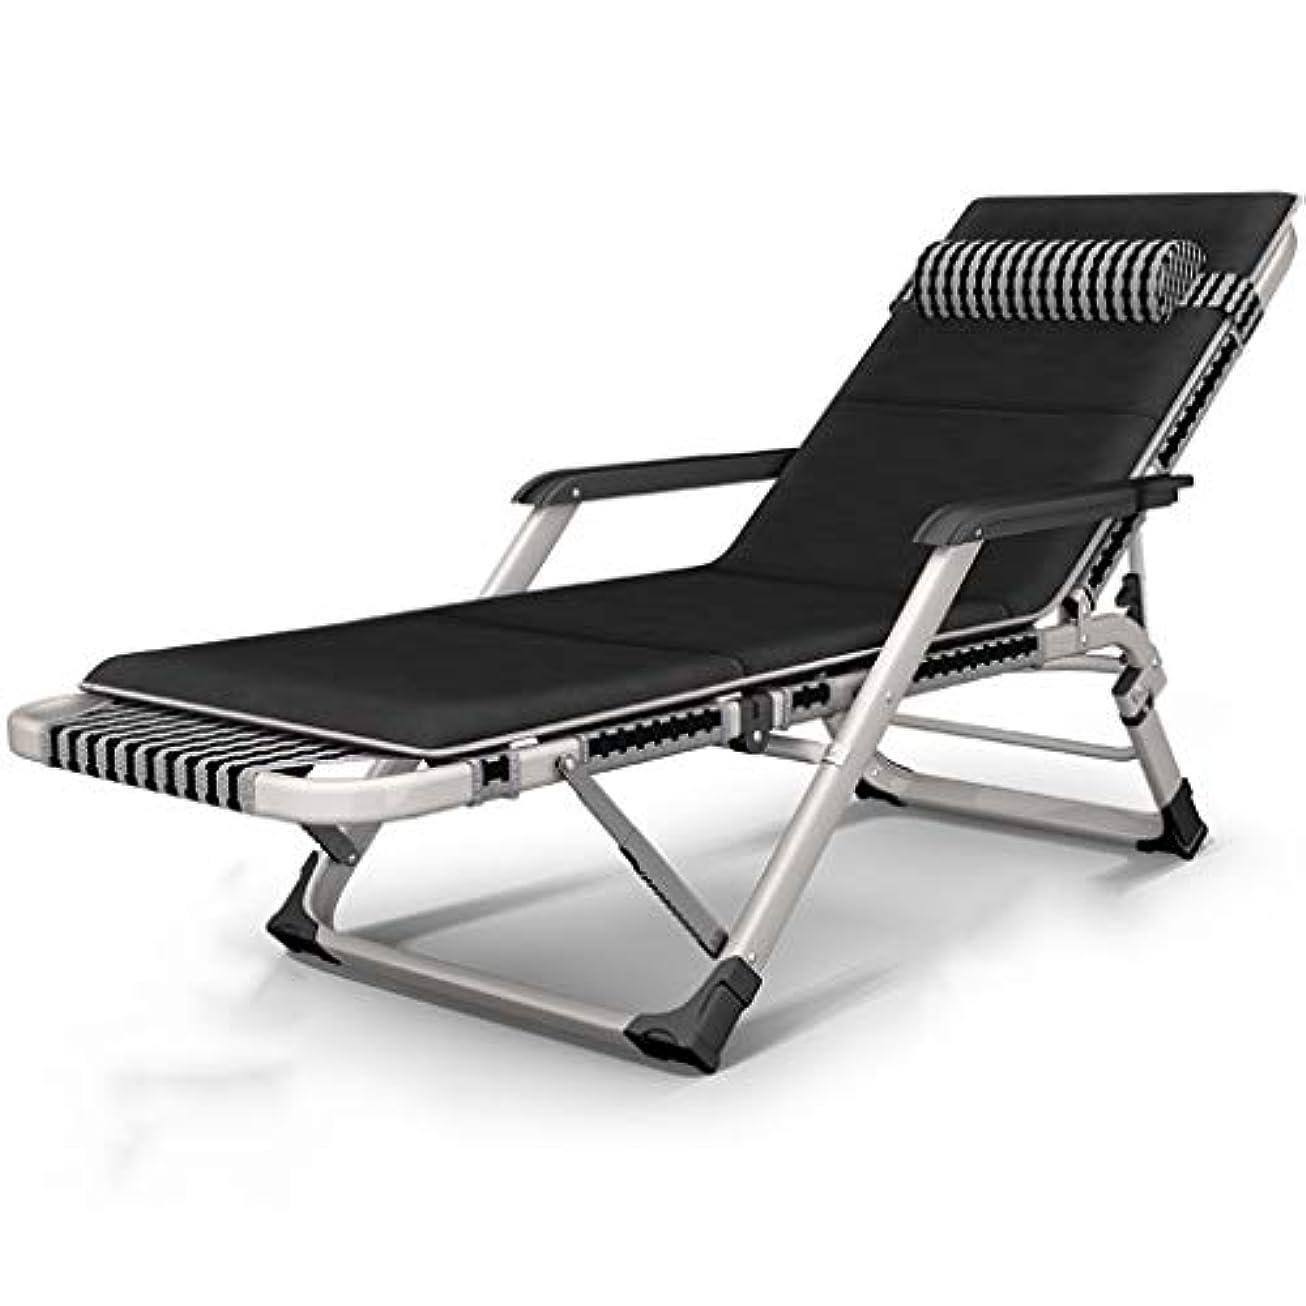 耐える作者ポールアウトドアチェア 重い人々の子供のための黒いゼロ重力の椅子、クッションおよび枕が付いている屋外のテラスの特大キャンプの椅子、負荷200kg